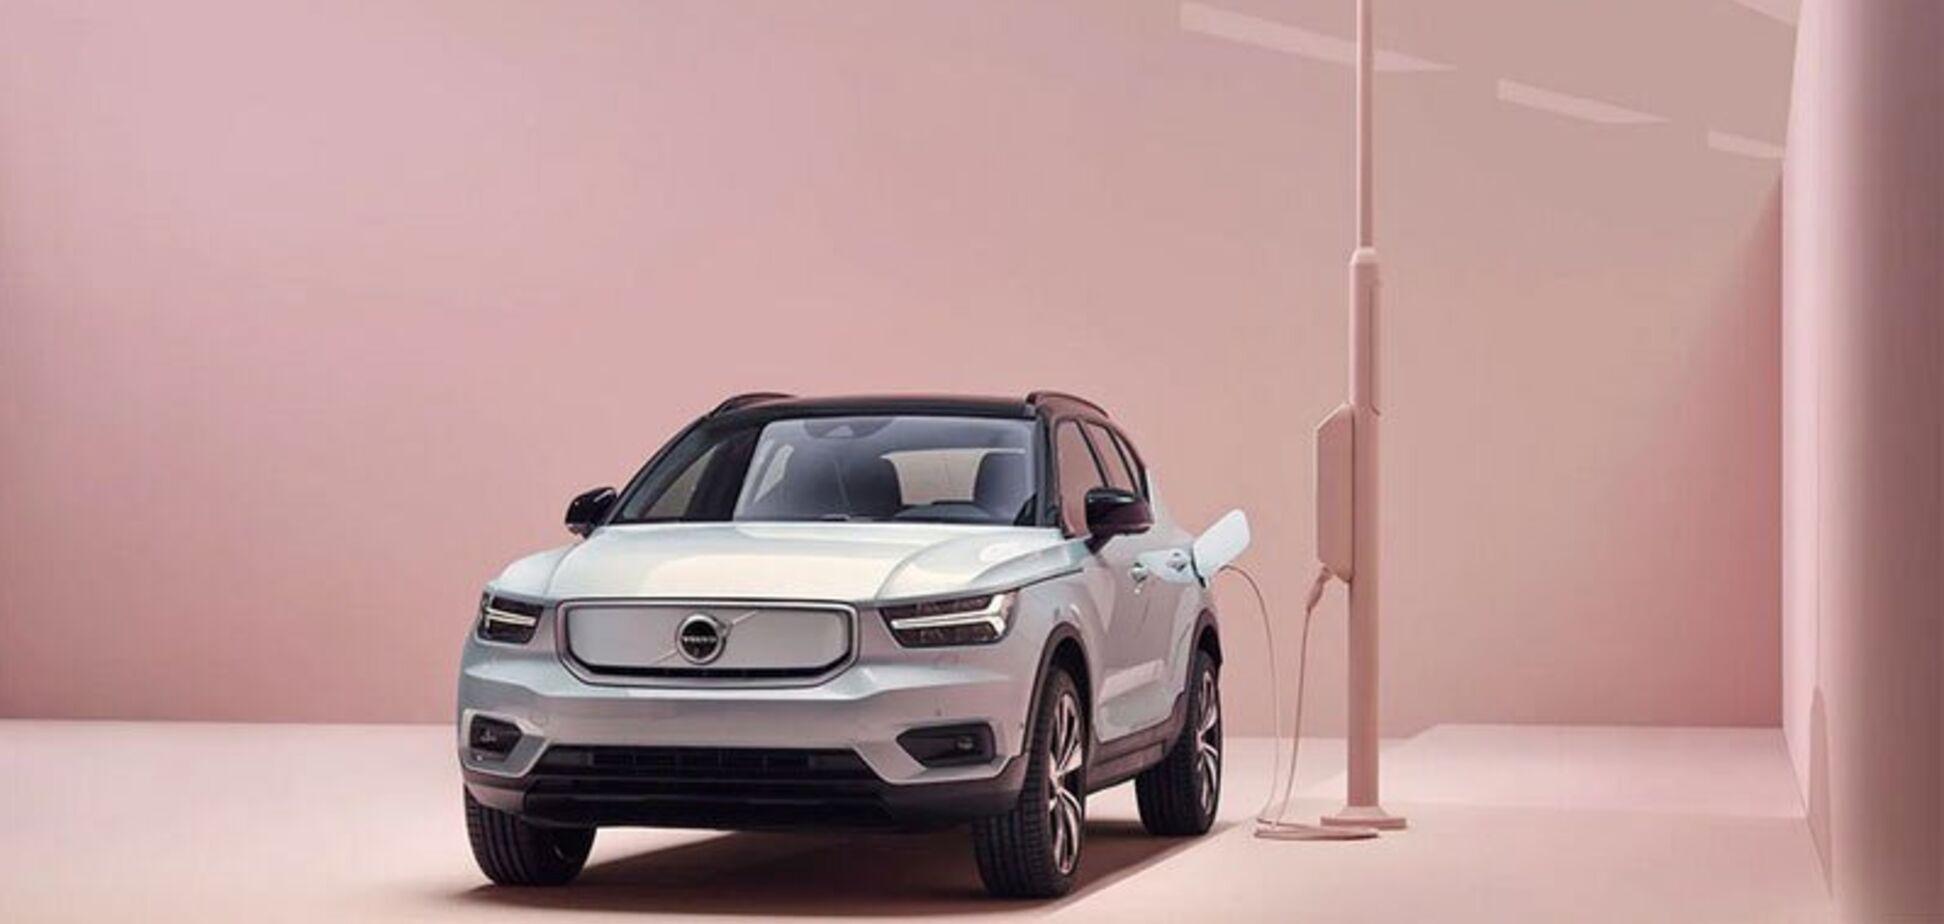 Працює на Android: Volvo показала свій перший електромобіль